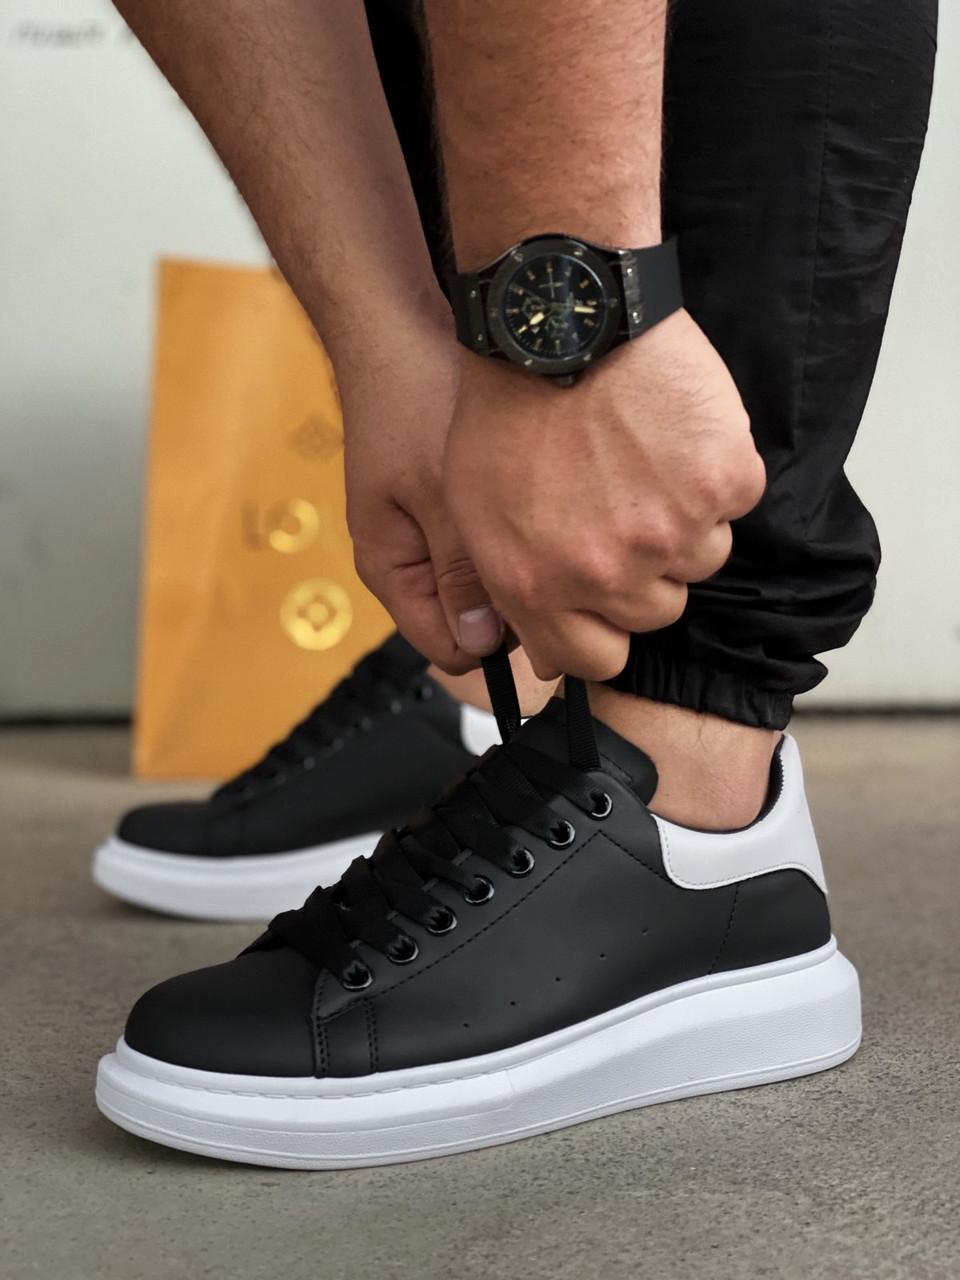 Кроссовки Adidas Alexander McQueen обувь кроссовки ботинки кеды брендовые реплика копия